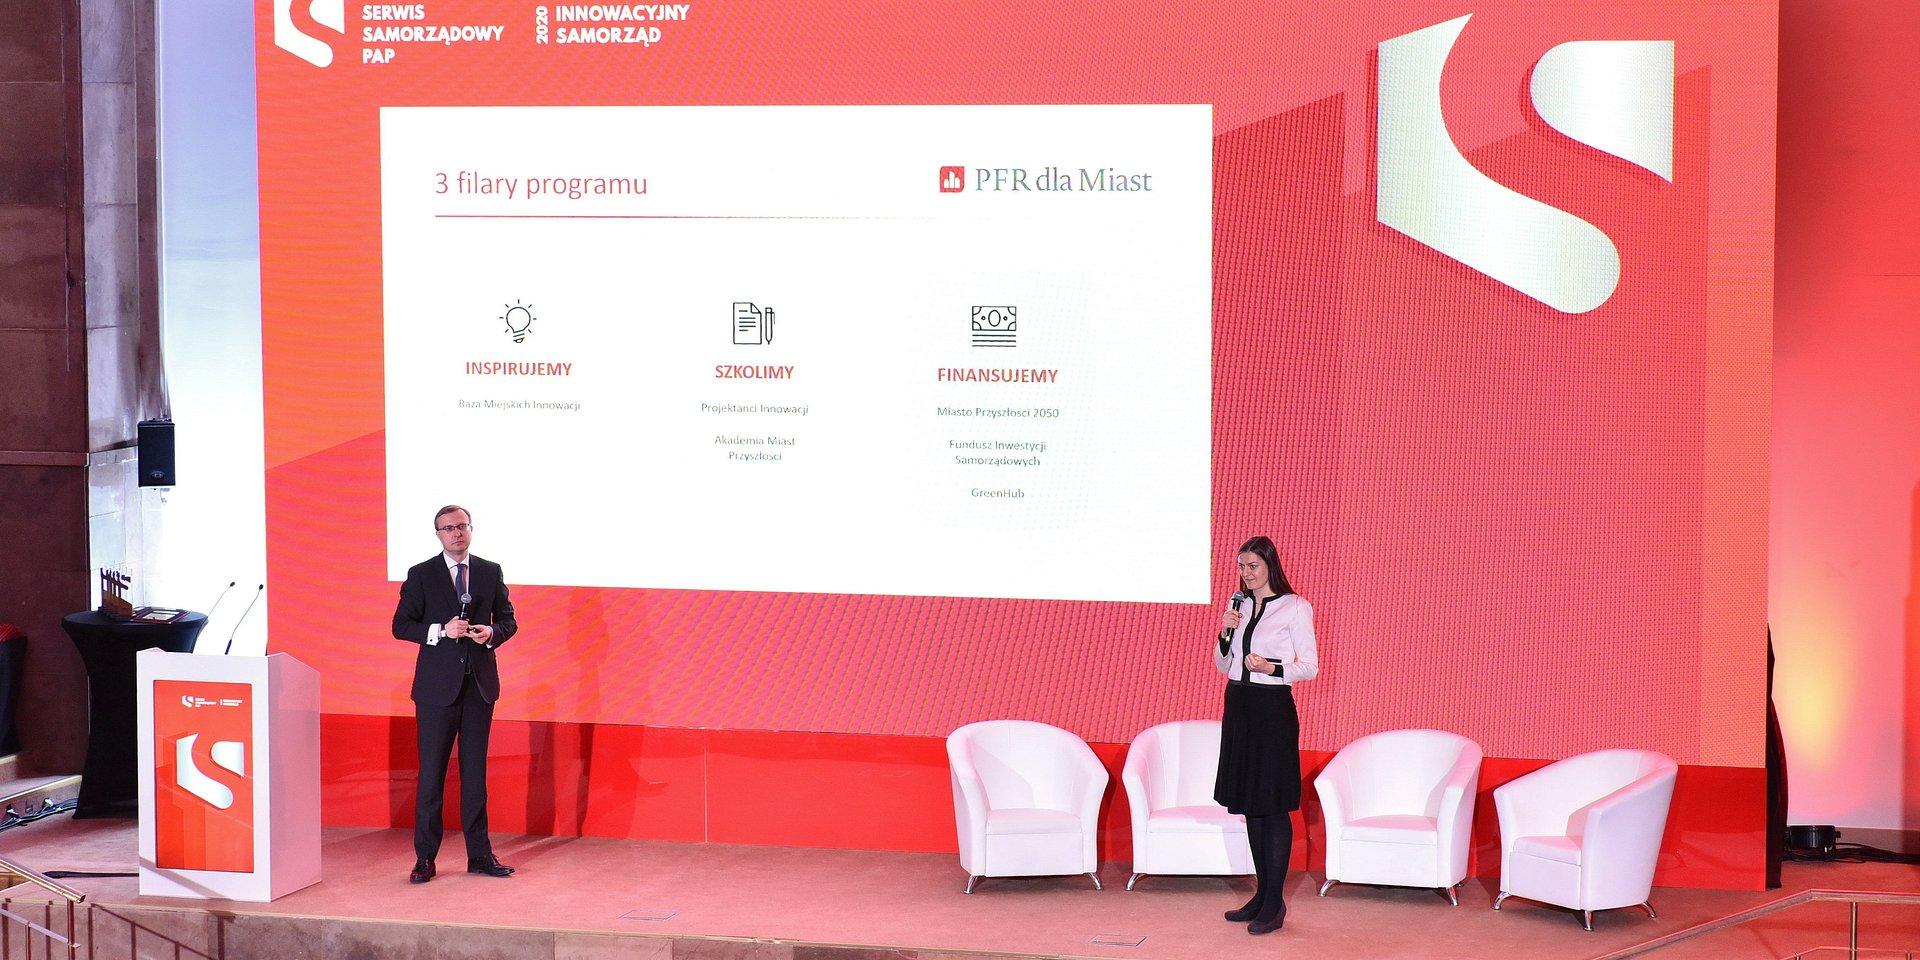 """Nowy program """"PFR dla Miast"""" wesprze samorządy w tworzeniu innowacyjnych rozwiązań - od inspiracji do realizacji"""